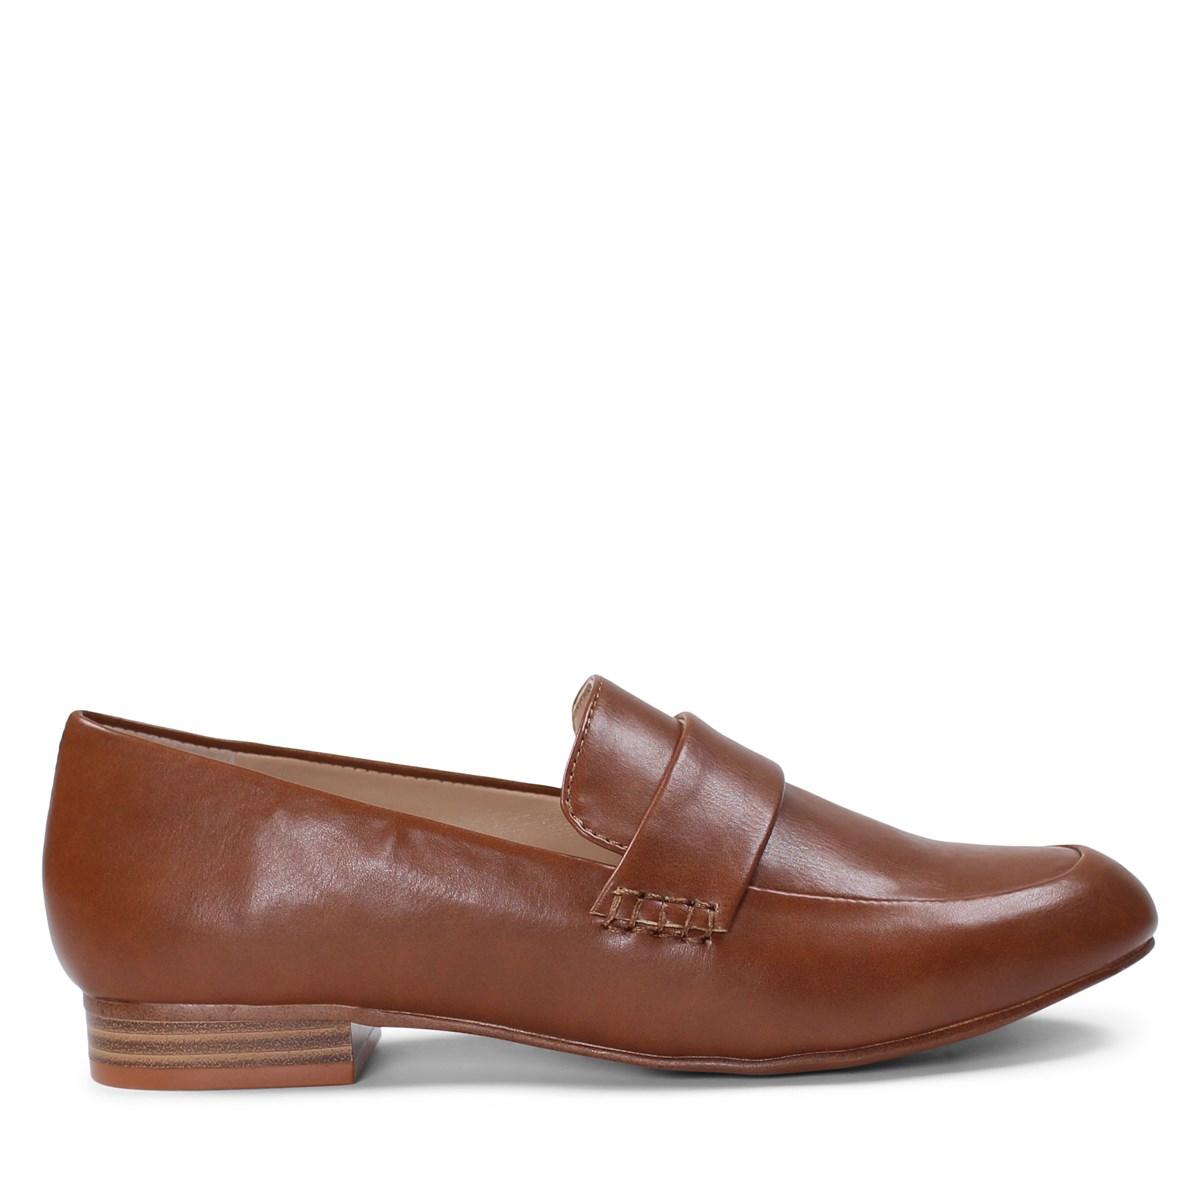 Women's Ivy Chili Shoe